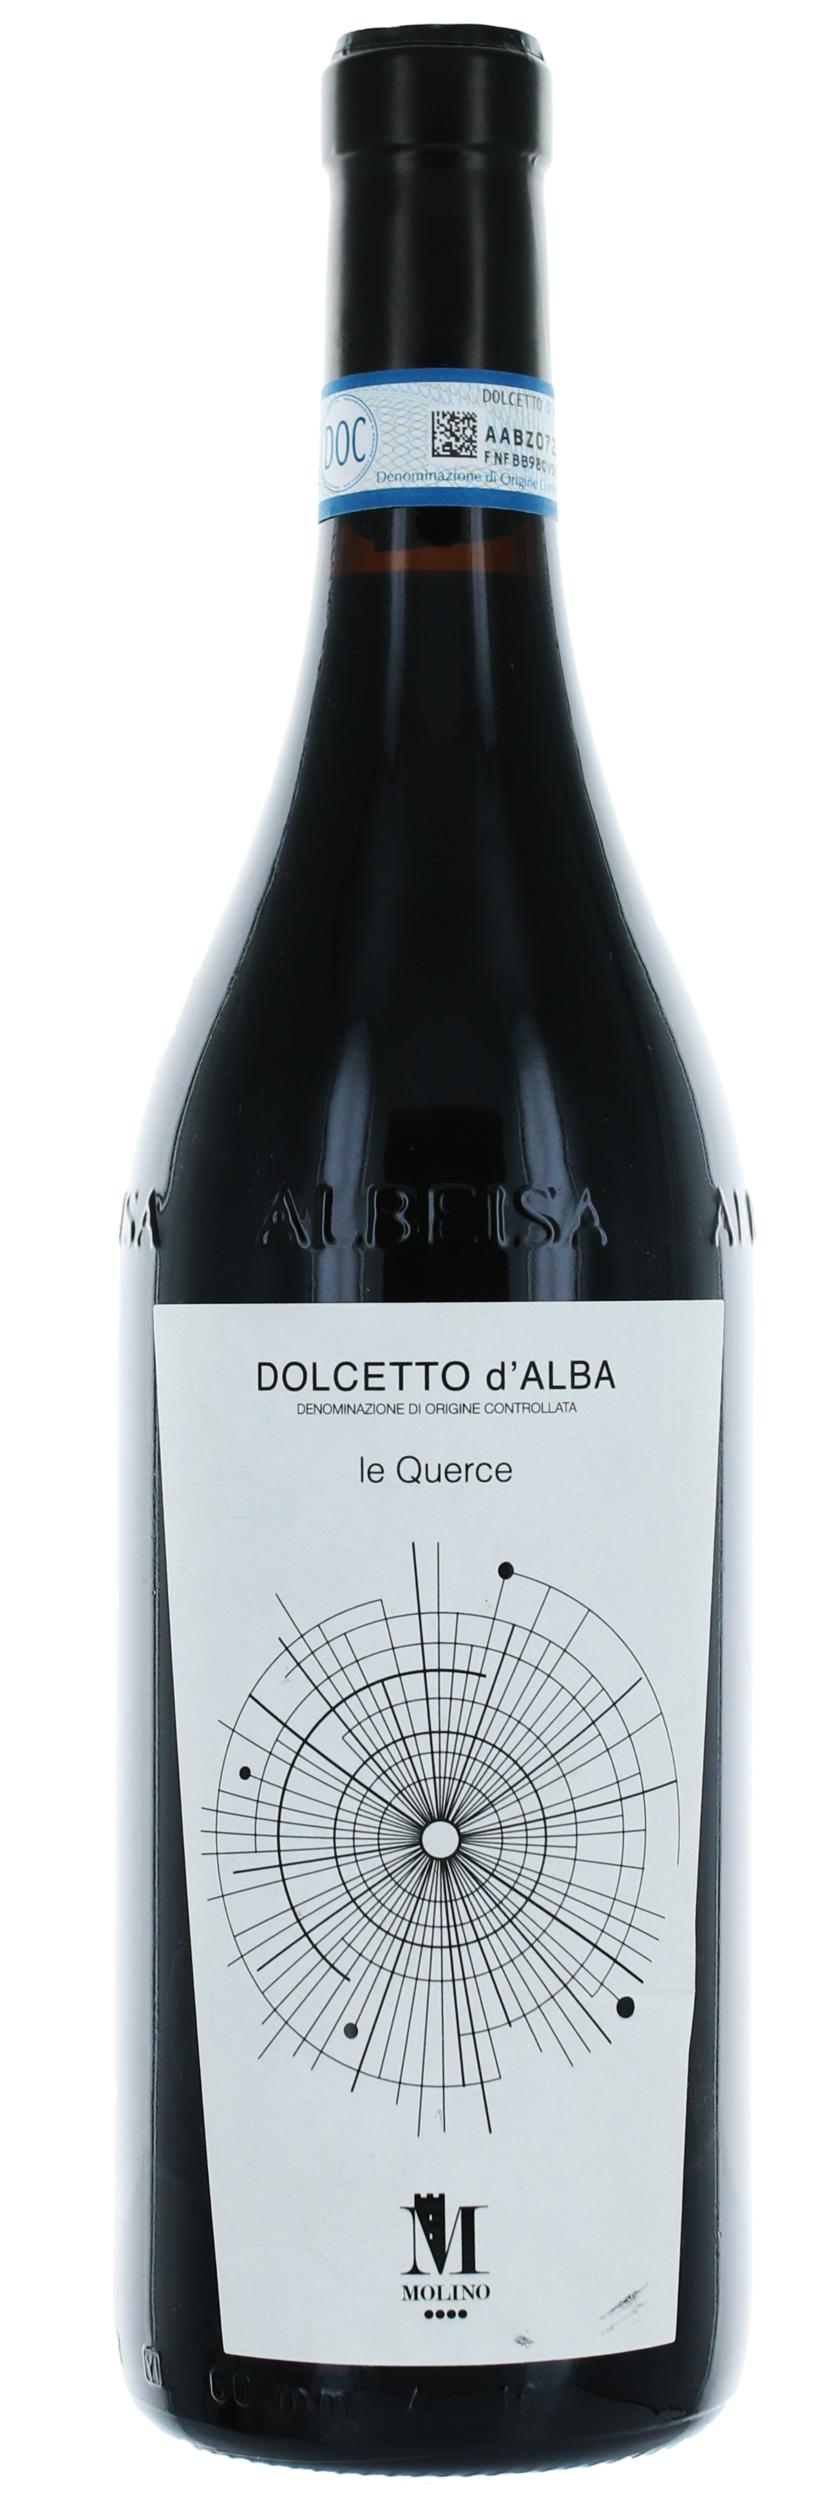 Dolcetto d\'Alba - Querce - Agricola Molino - 2019